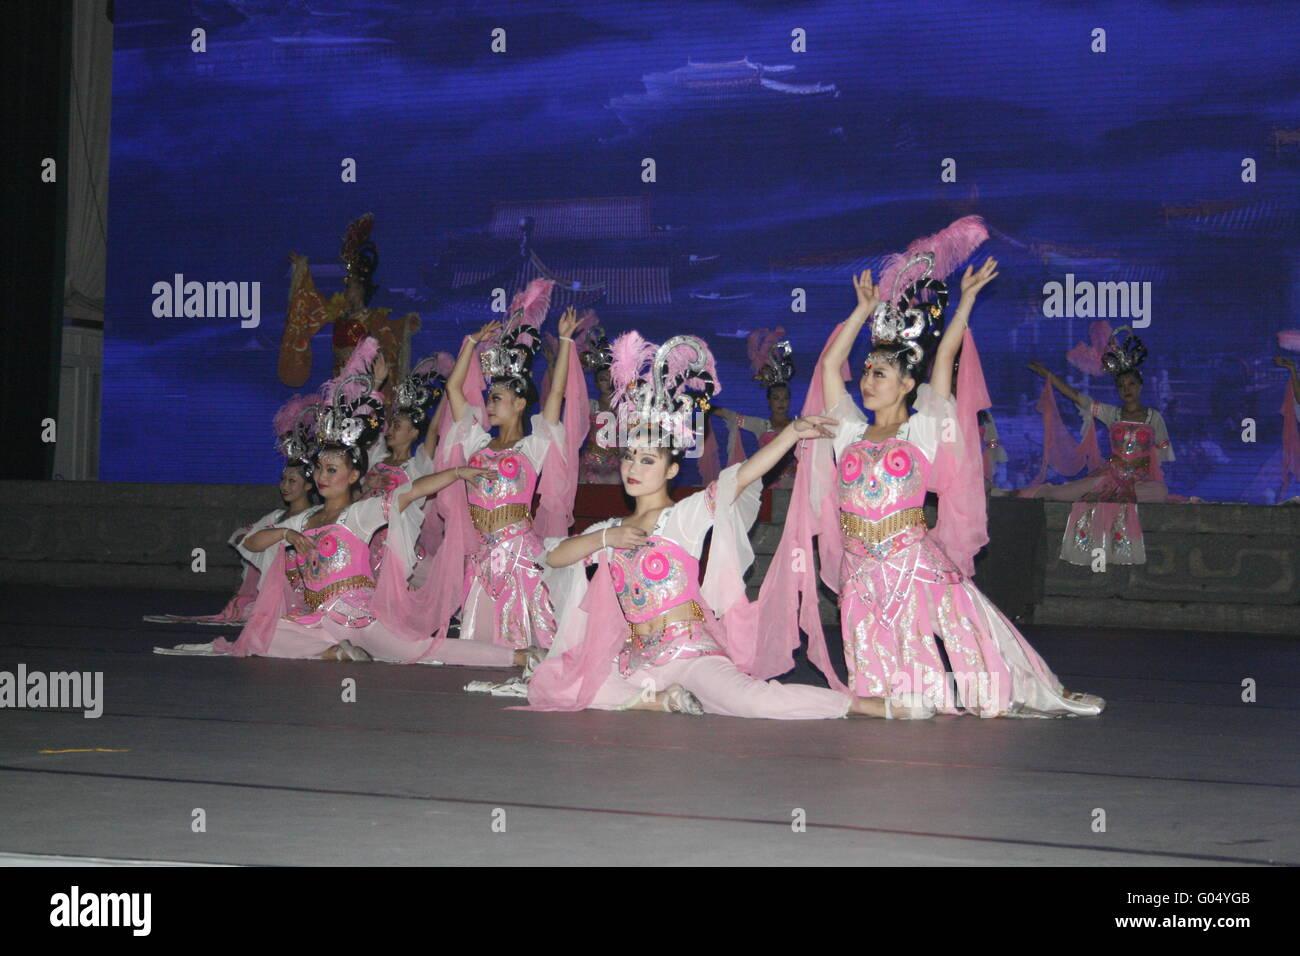 theatre of dancing in Xi'an / Xian, China - Stock Image